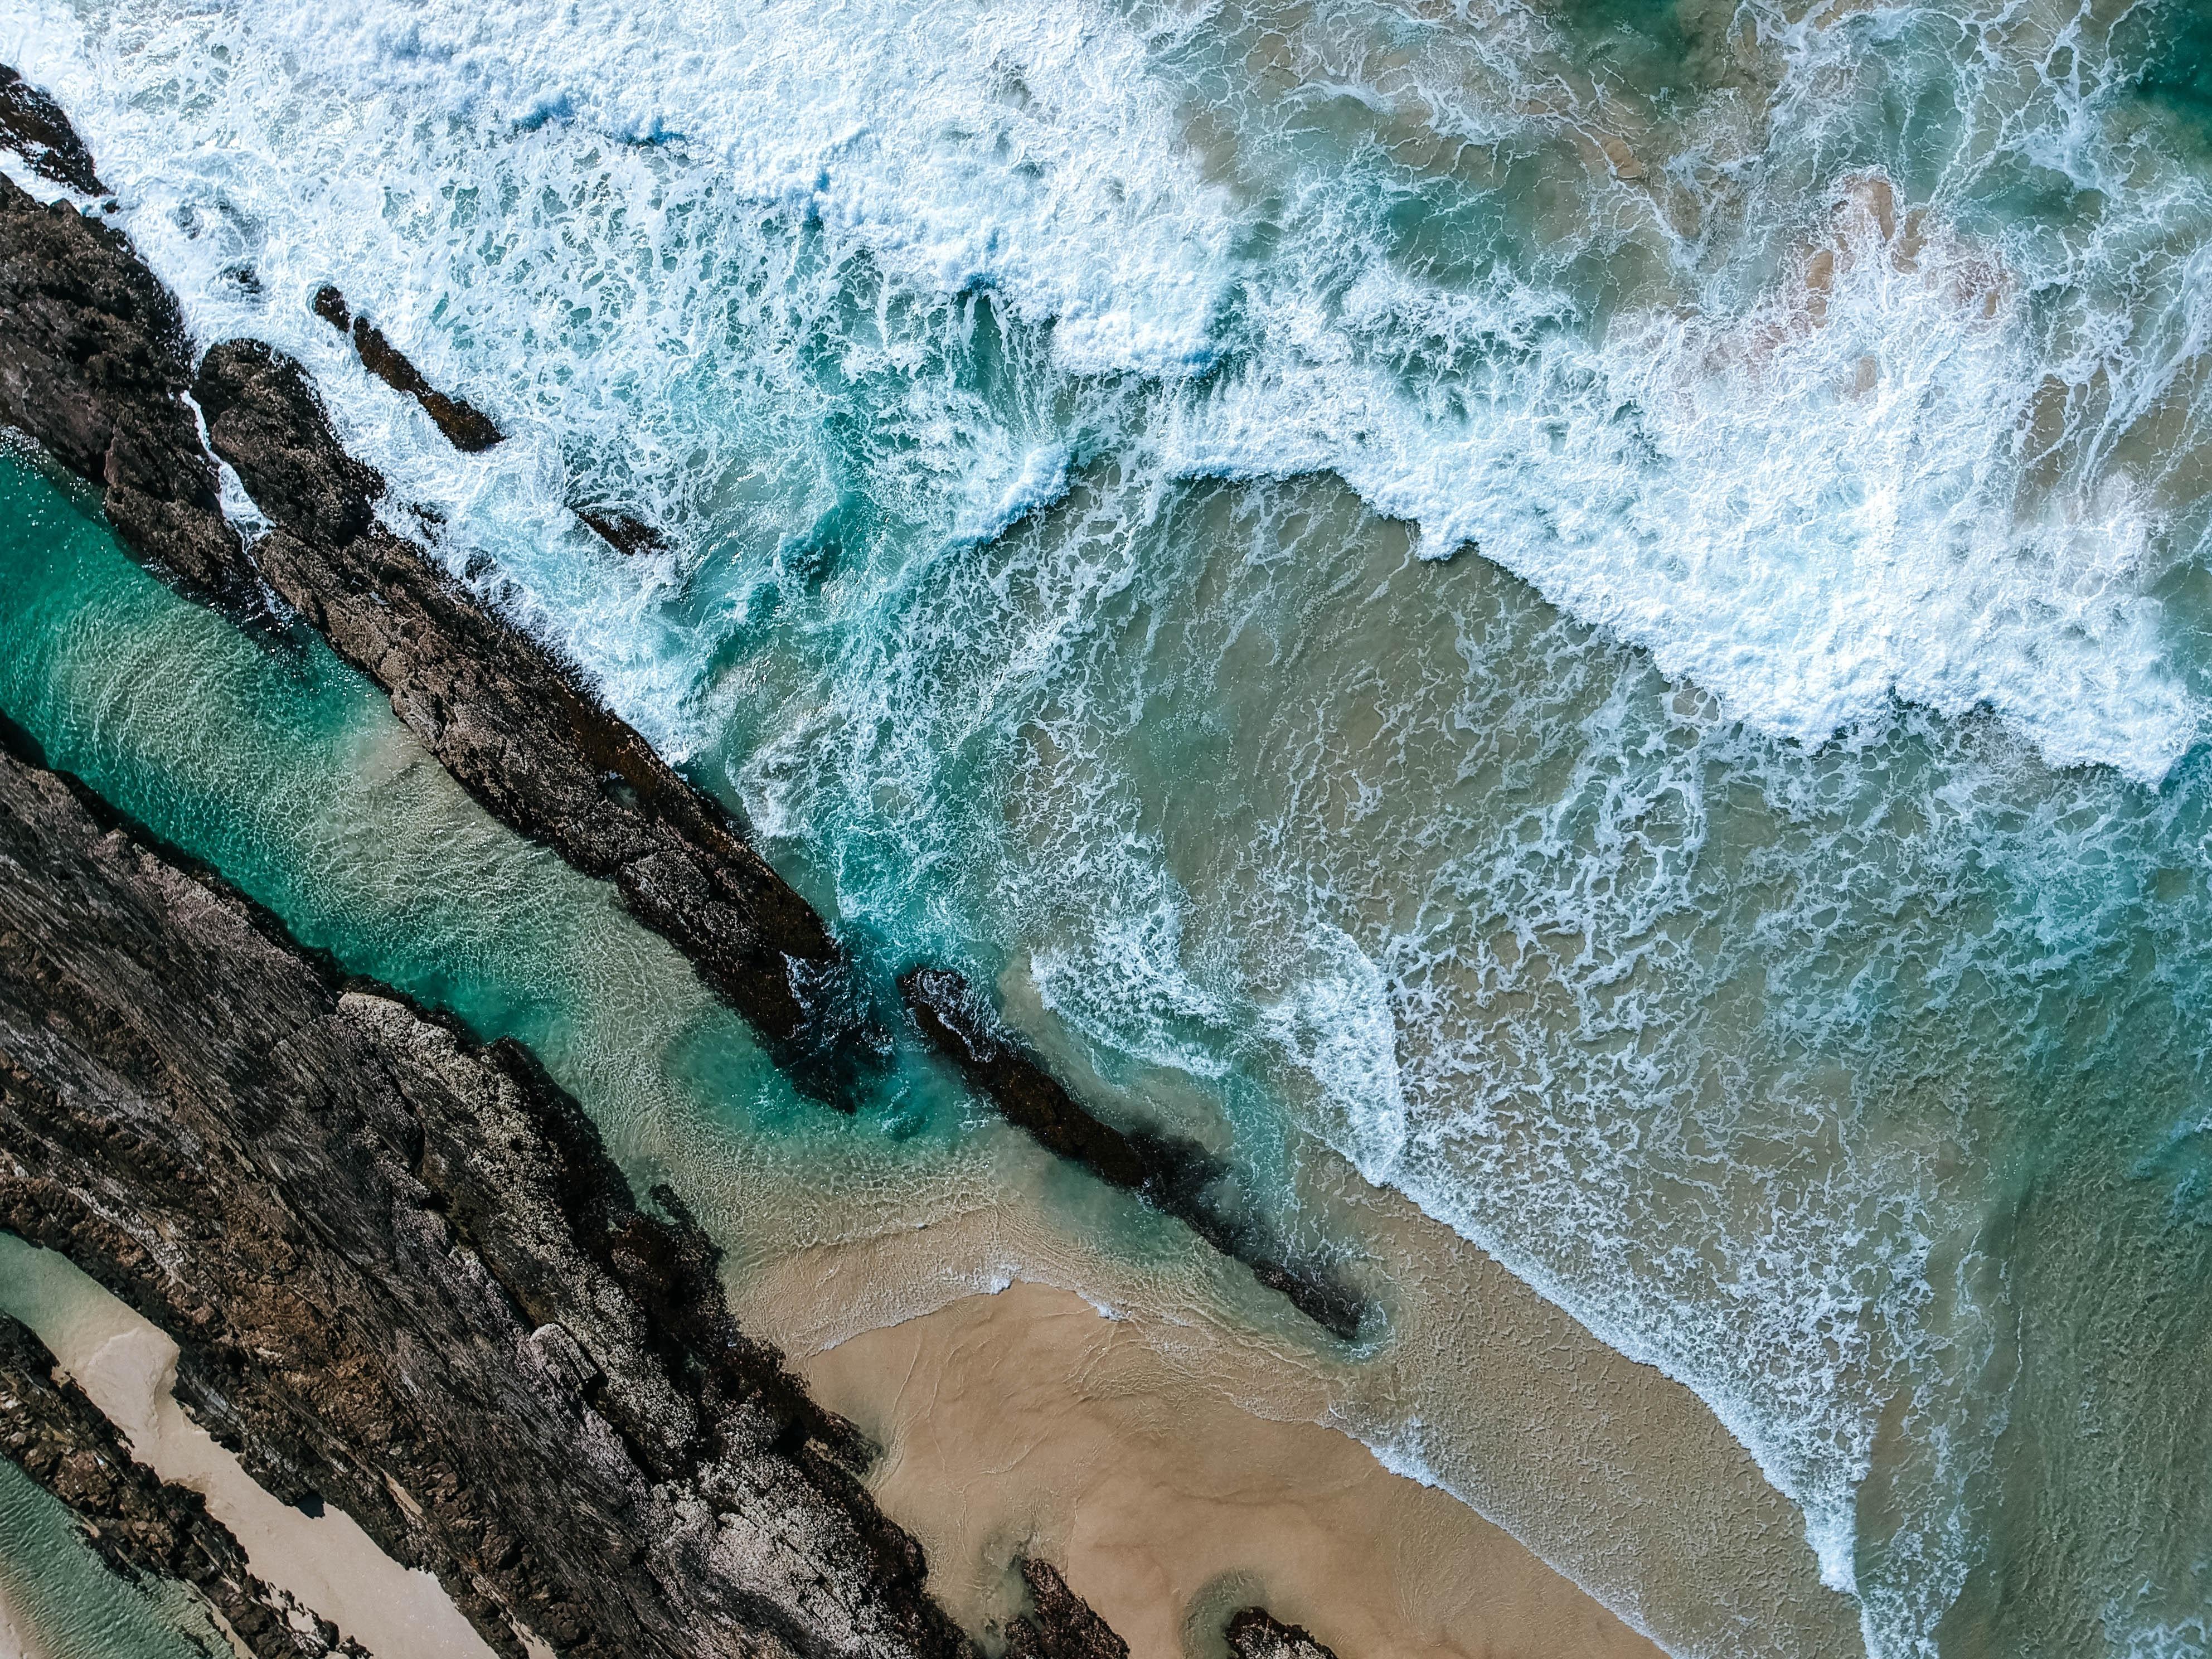 Aerial view of tidal waves of ocean coastline